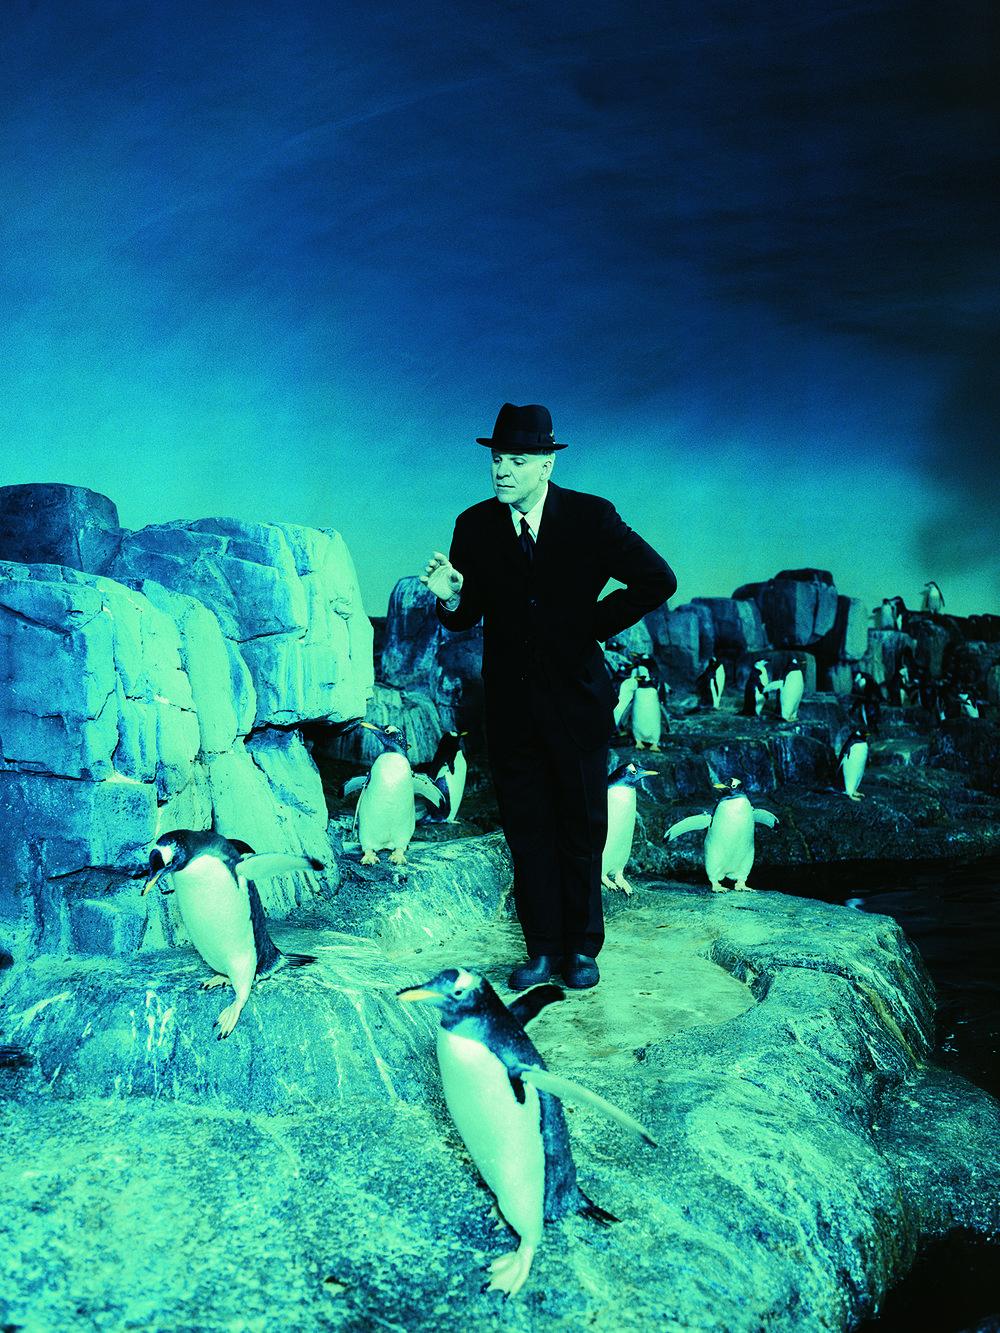 martin_penguins.jpg